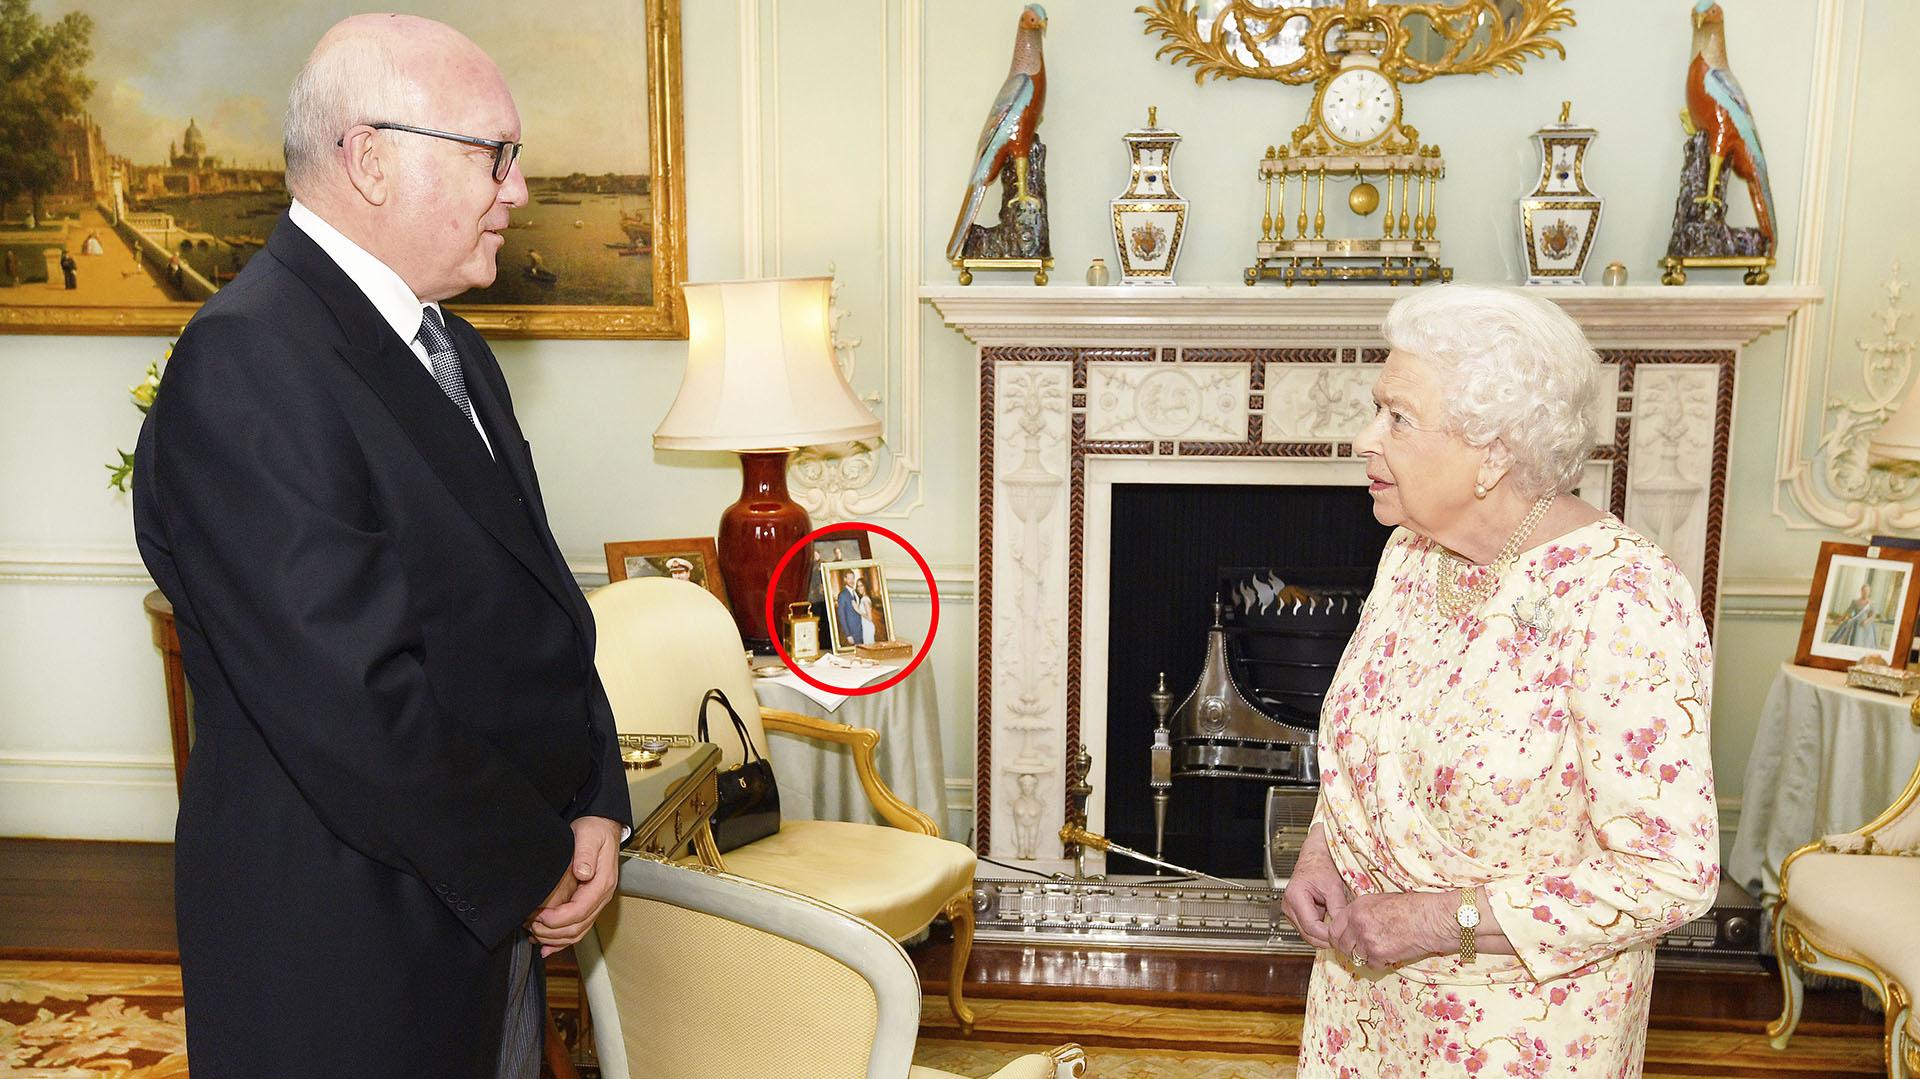 La foto inédita del príncipe Harry y Meghan Markle que tiene la reina Isabel II en su sala Photo (Shutterstock /The Grosby Group)